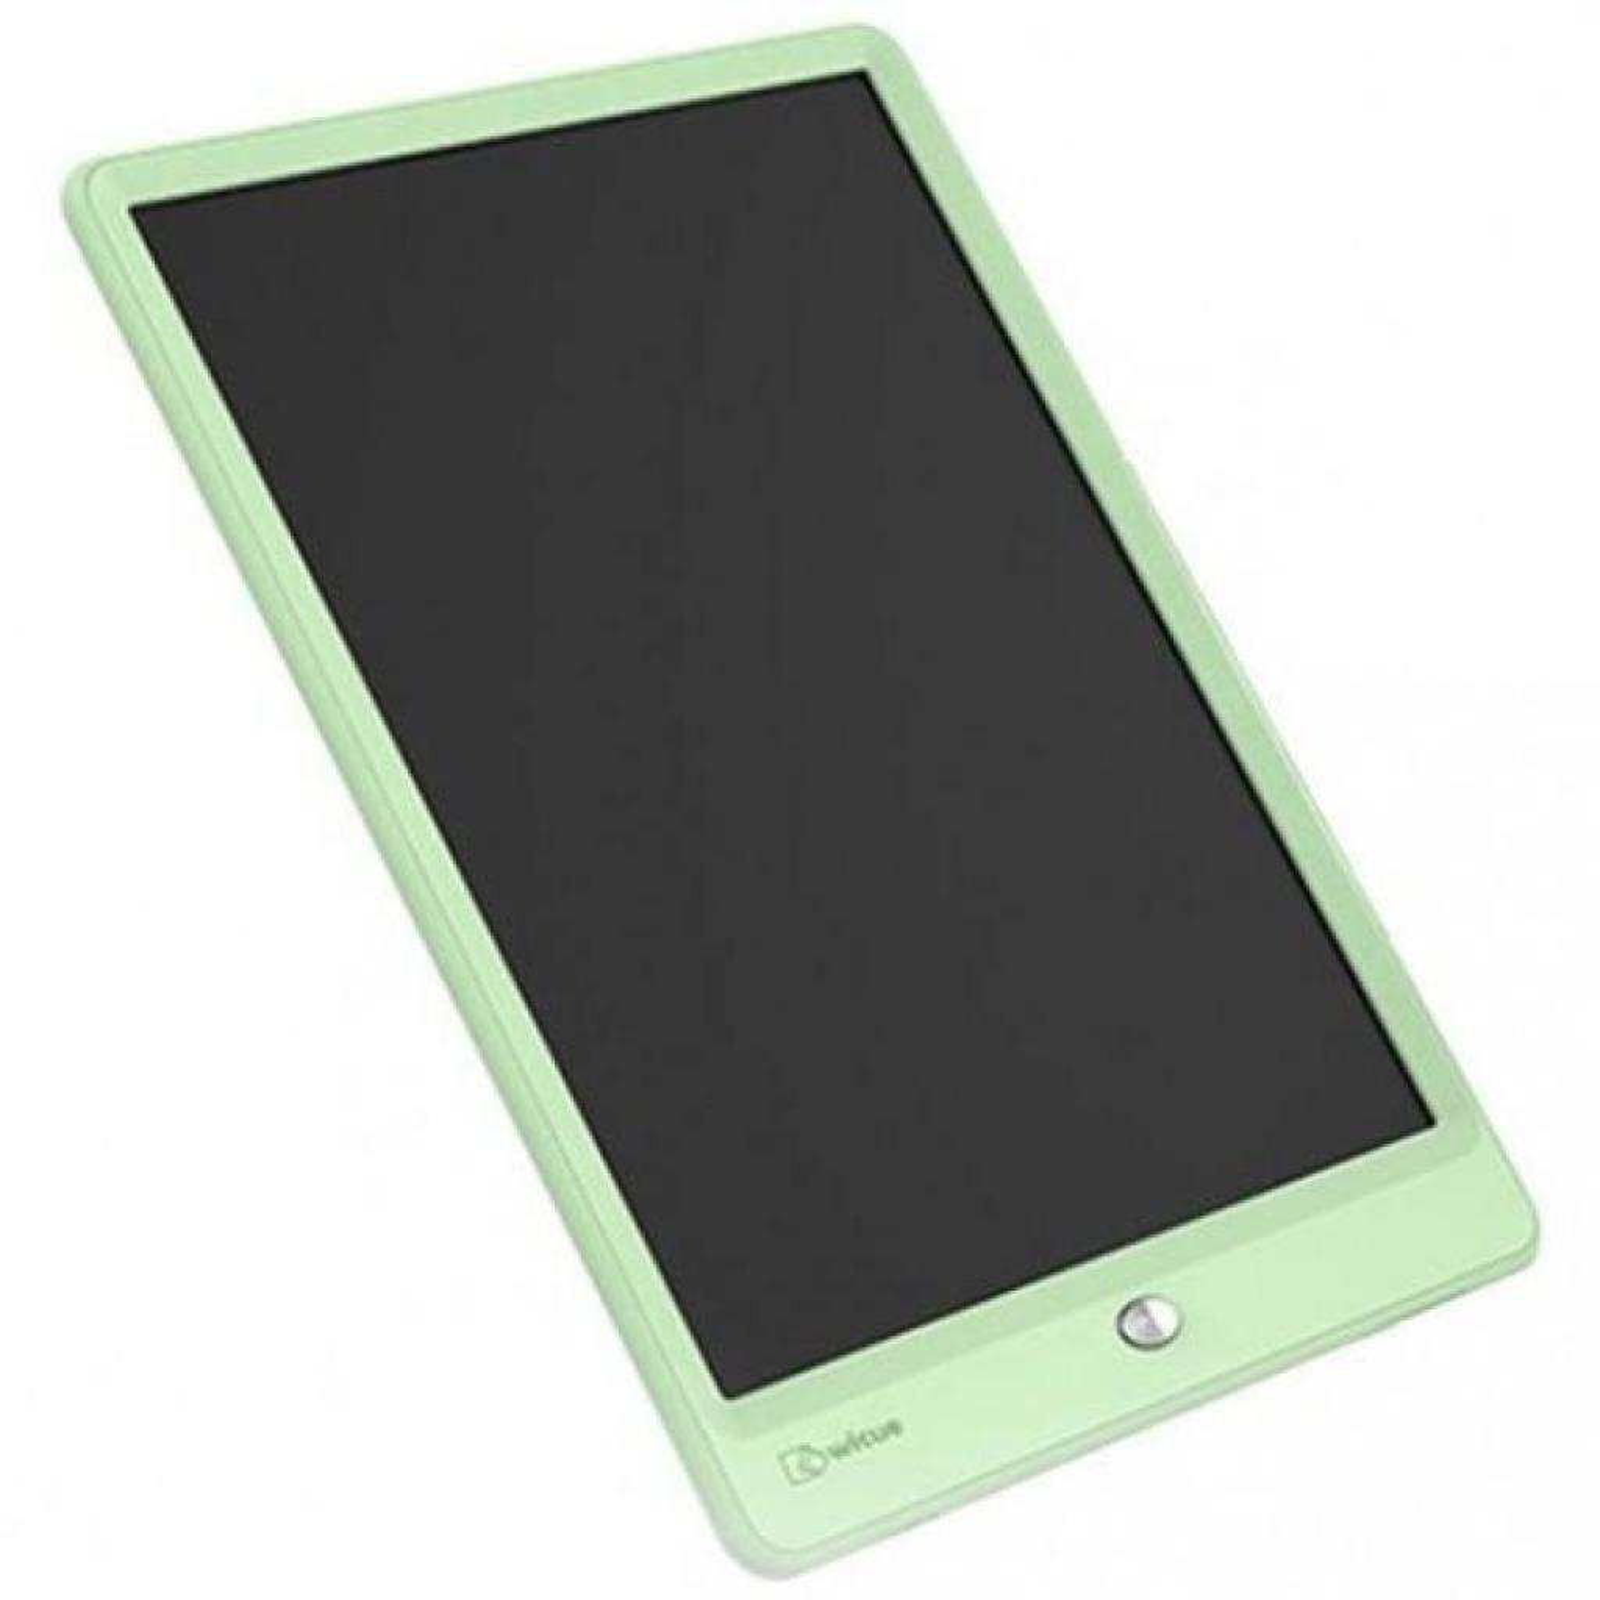 """Графический планшет Xiaomi Wicue Writing tablet 10"""" Green изображение 2"""